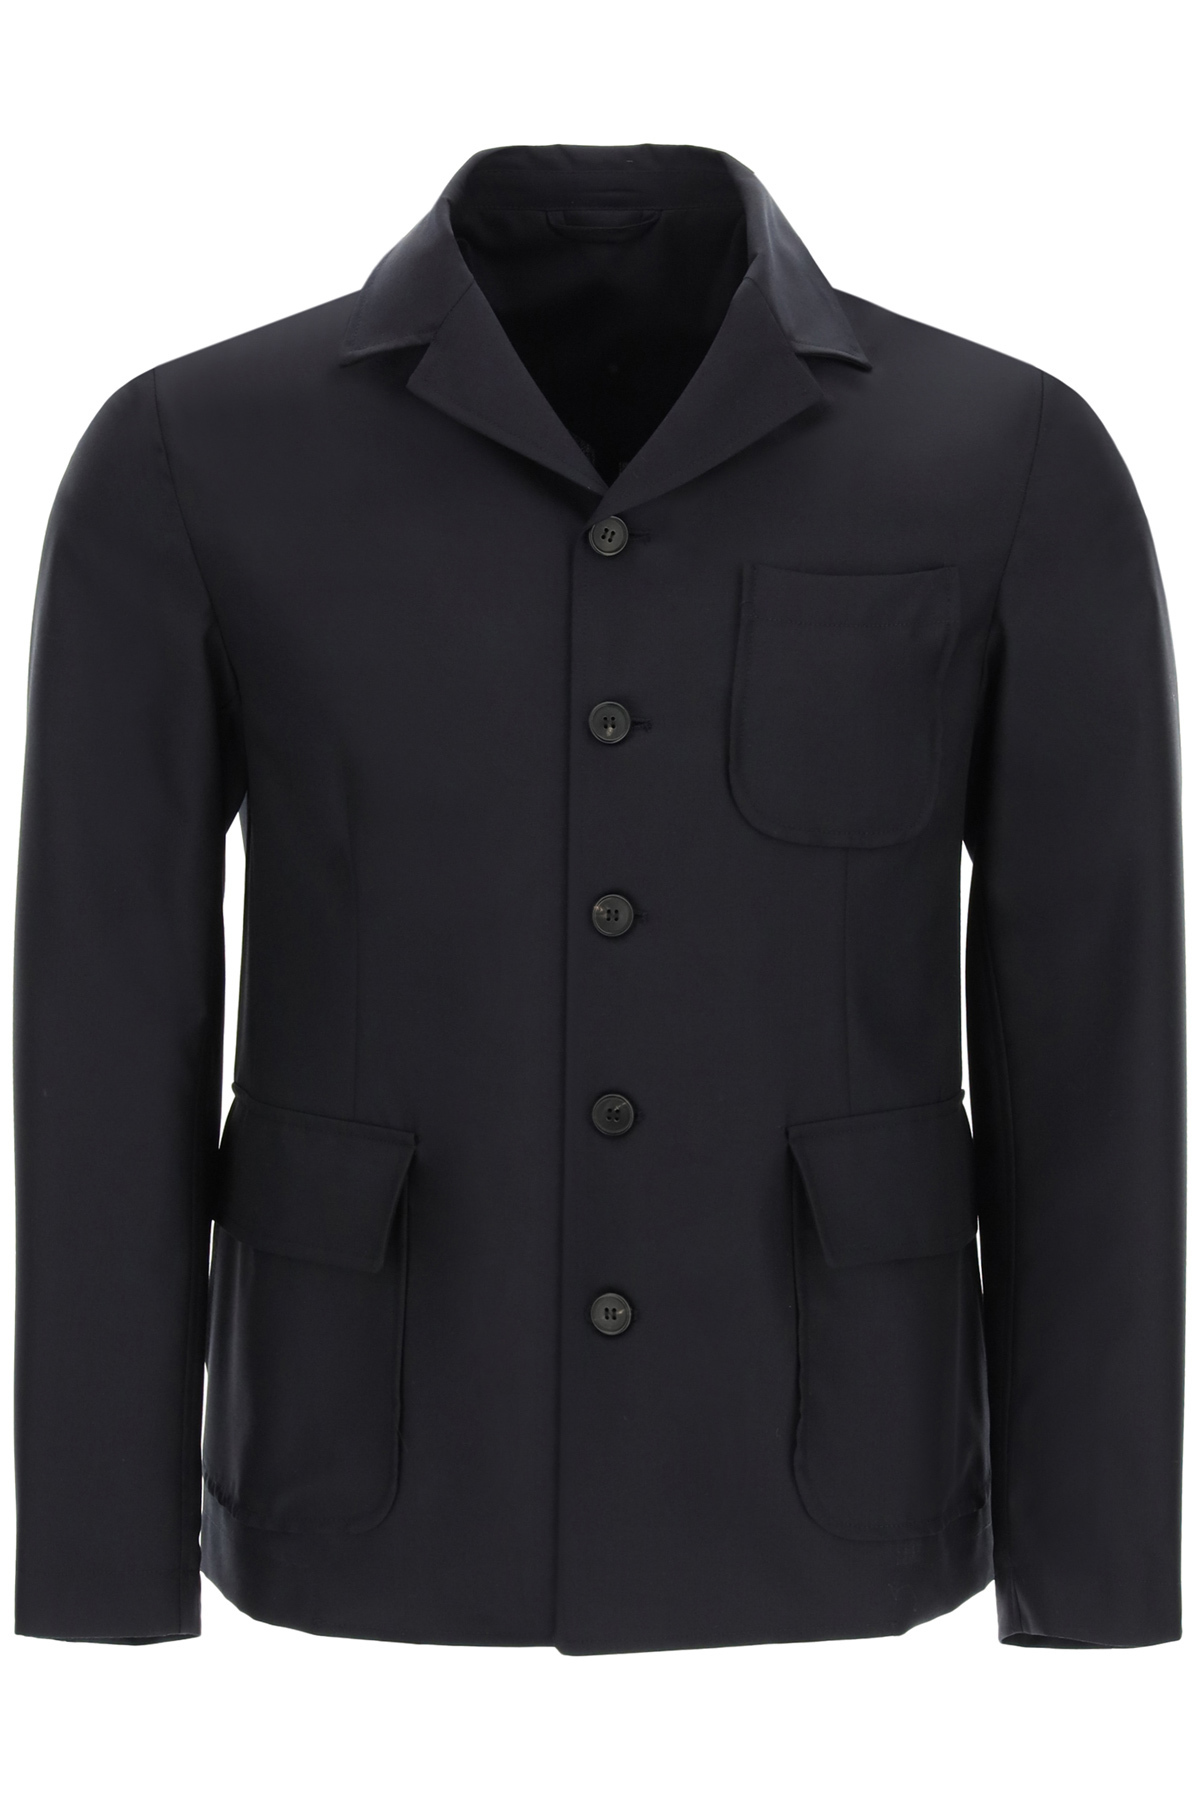 Gm77 blazer in tela di cotone